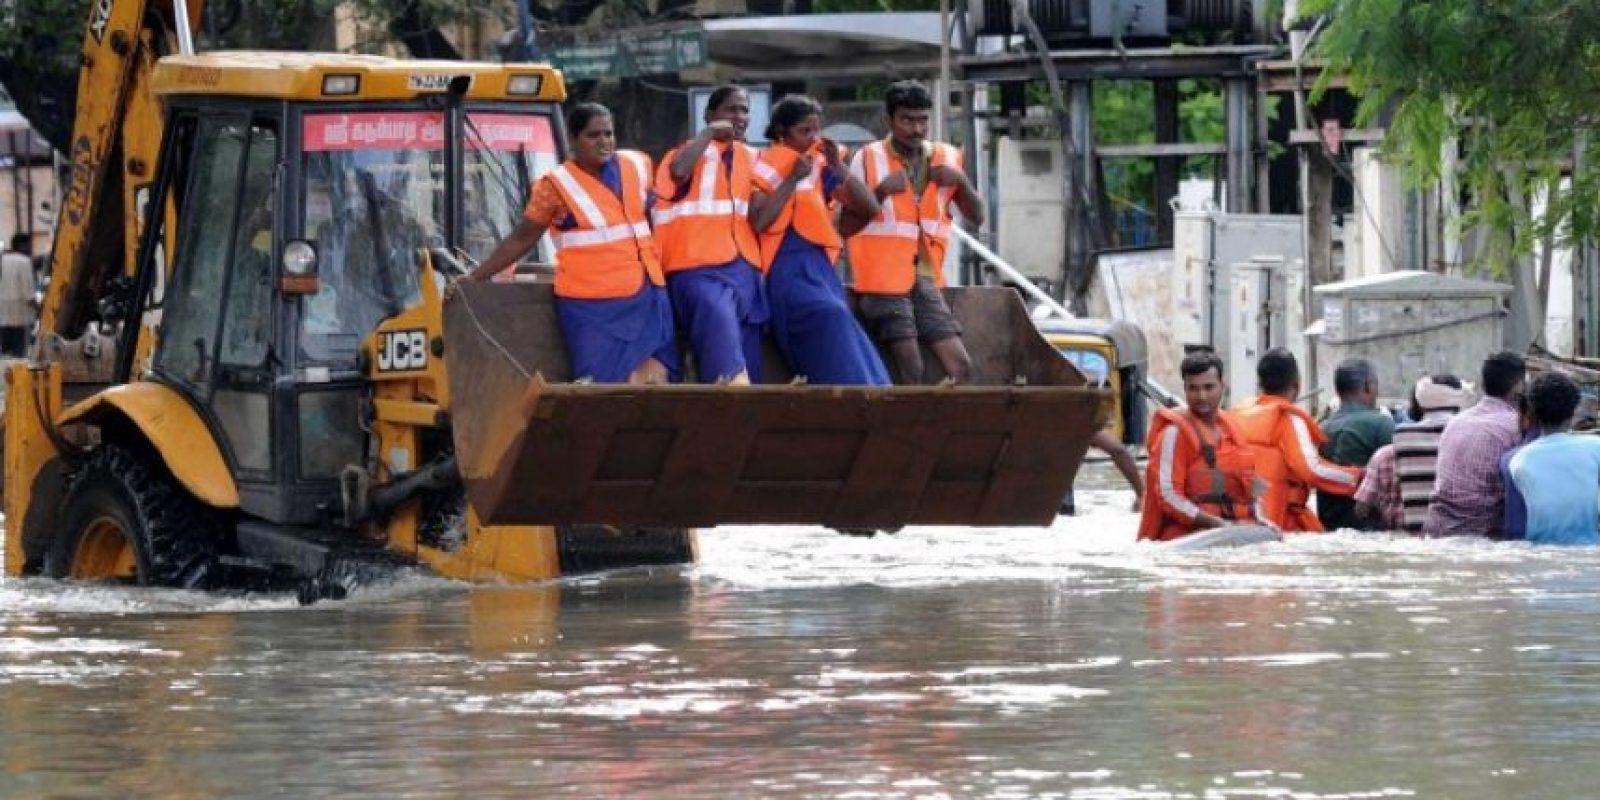 Trabajadores de emergencia llevaron acabo numerosos rescates. Foto:AFP